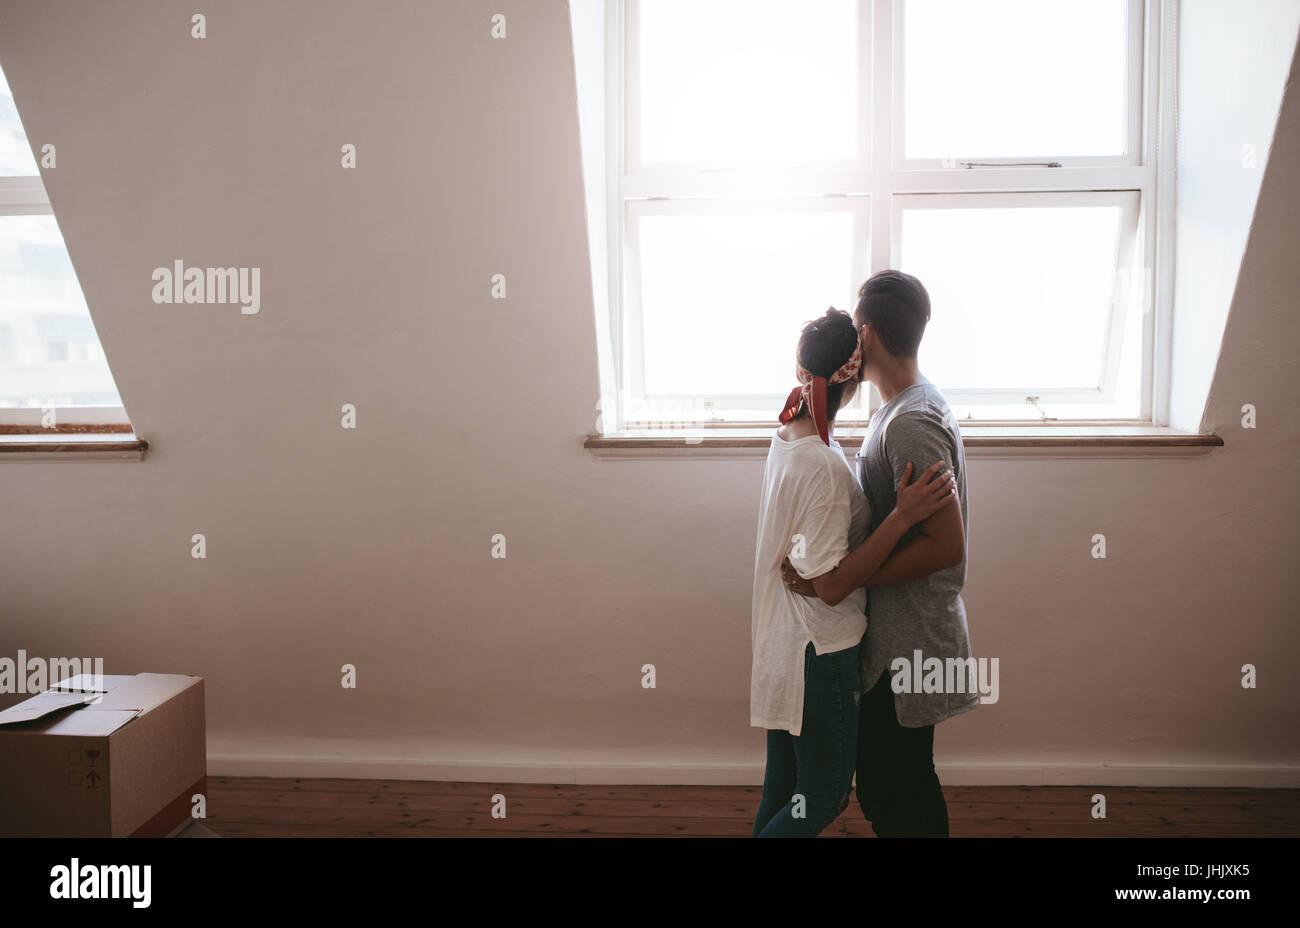 Amorevole coppia giovane muovendo in un nuovo appartamento. L uomo e la donna in piedi insieme con scatole sul pavimento. Immagini Stock